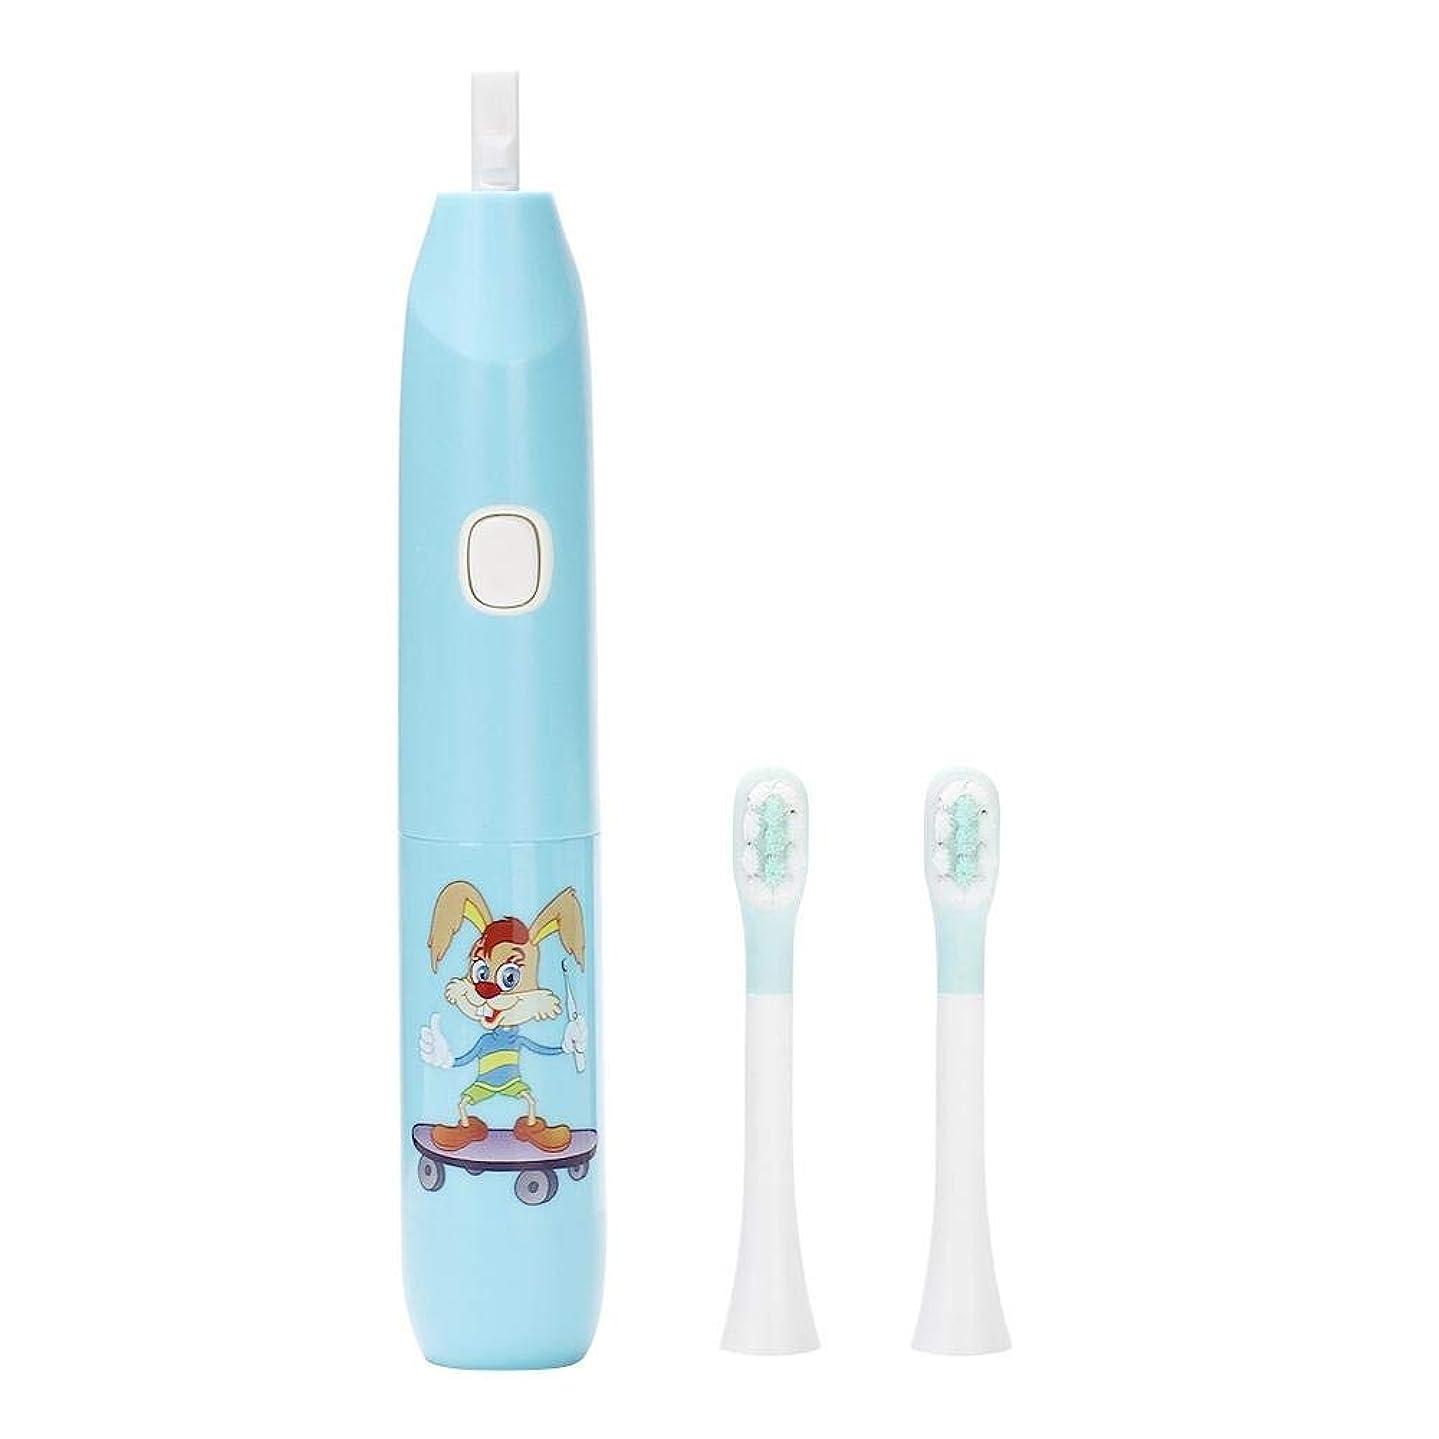 ほのめかす忘れる着替える電動歯ブラシ、再充電可能な歯ブラシの大人および子供のための口頭ヘルスケアのための深いクリーニングのきれいなブラシの頭部(青)